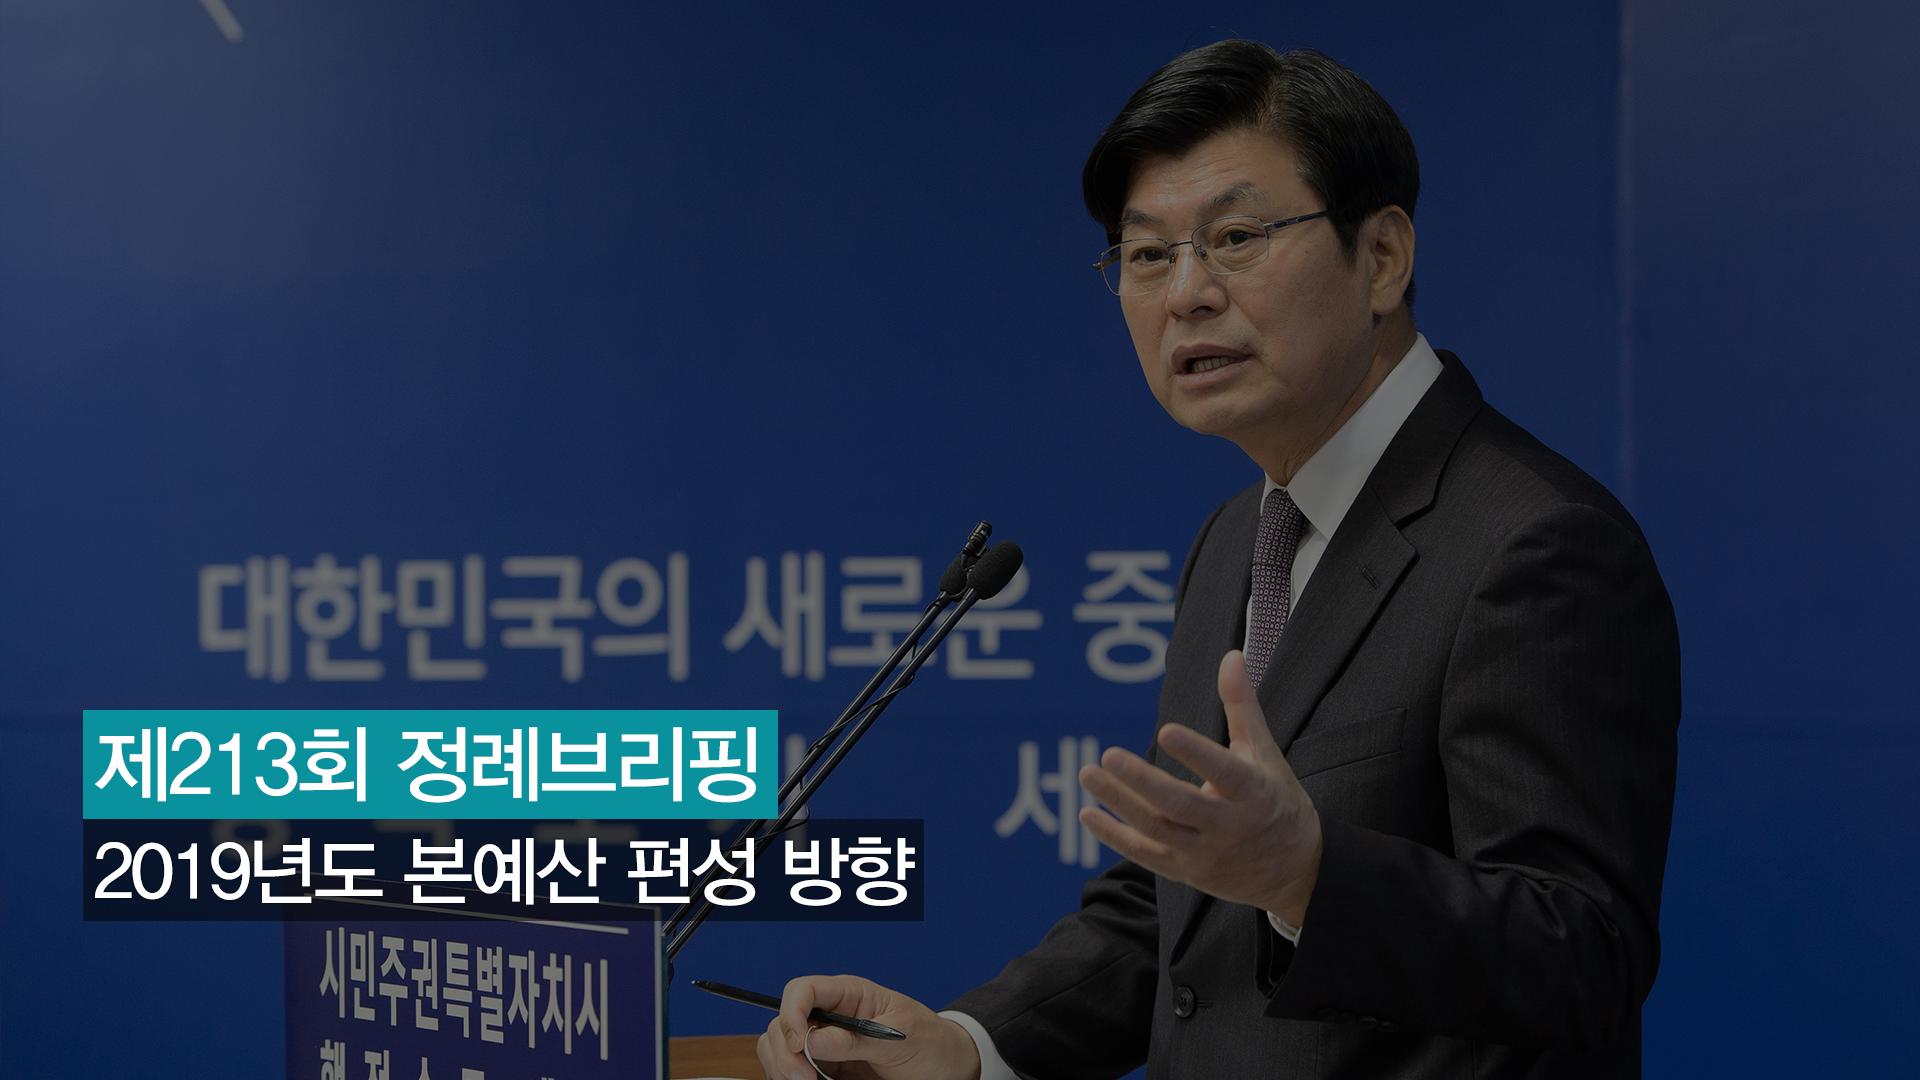 <213번째 정례브리핑> 2019년도 본예산 편성 방향